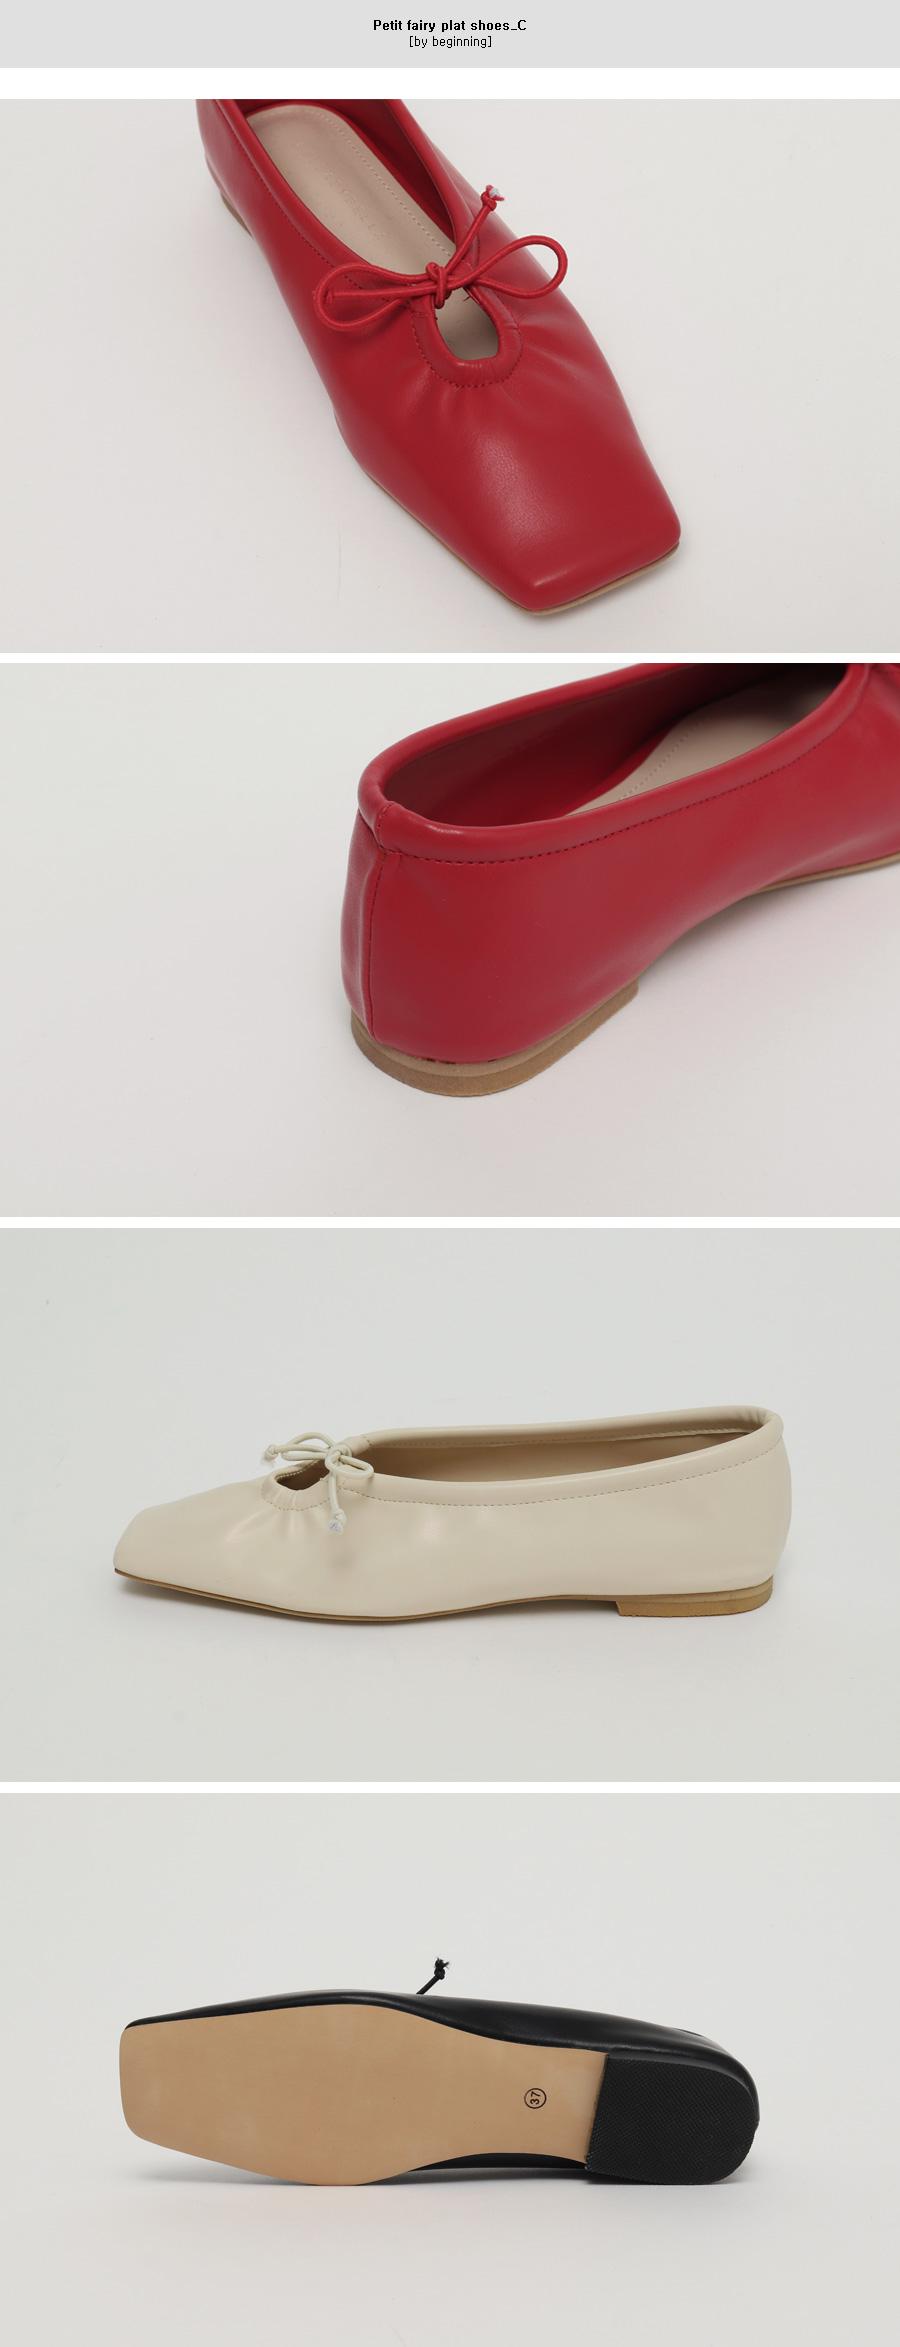 Petit fairy plat shoes_C